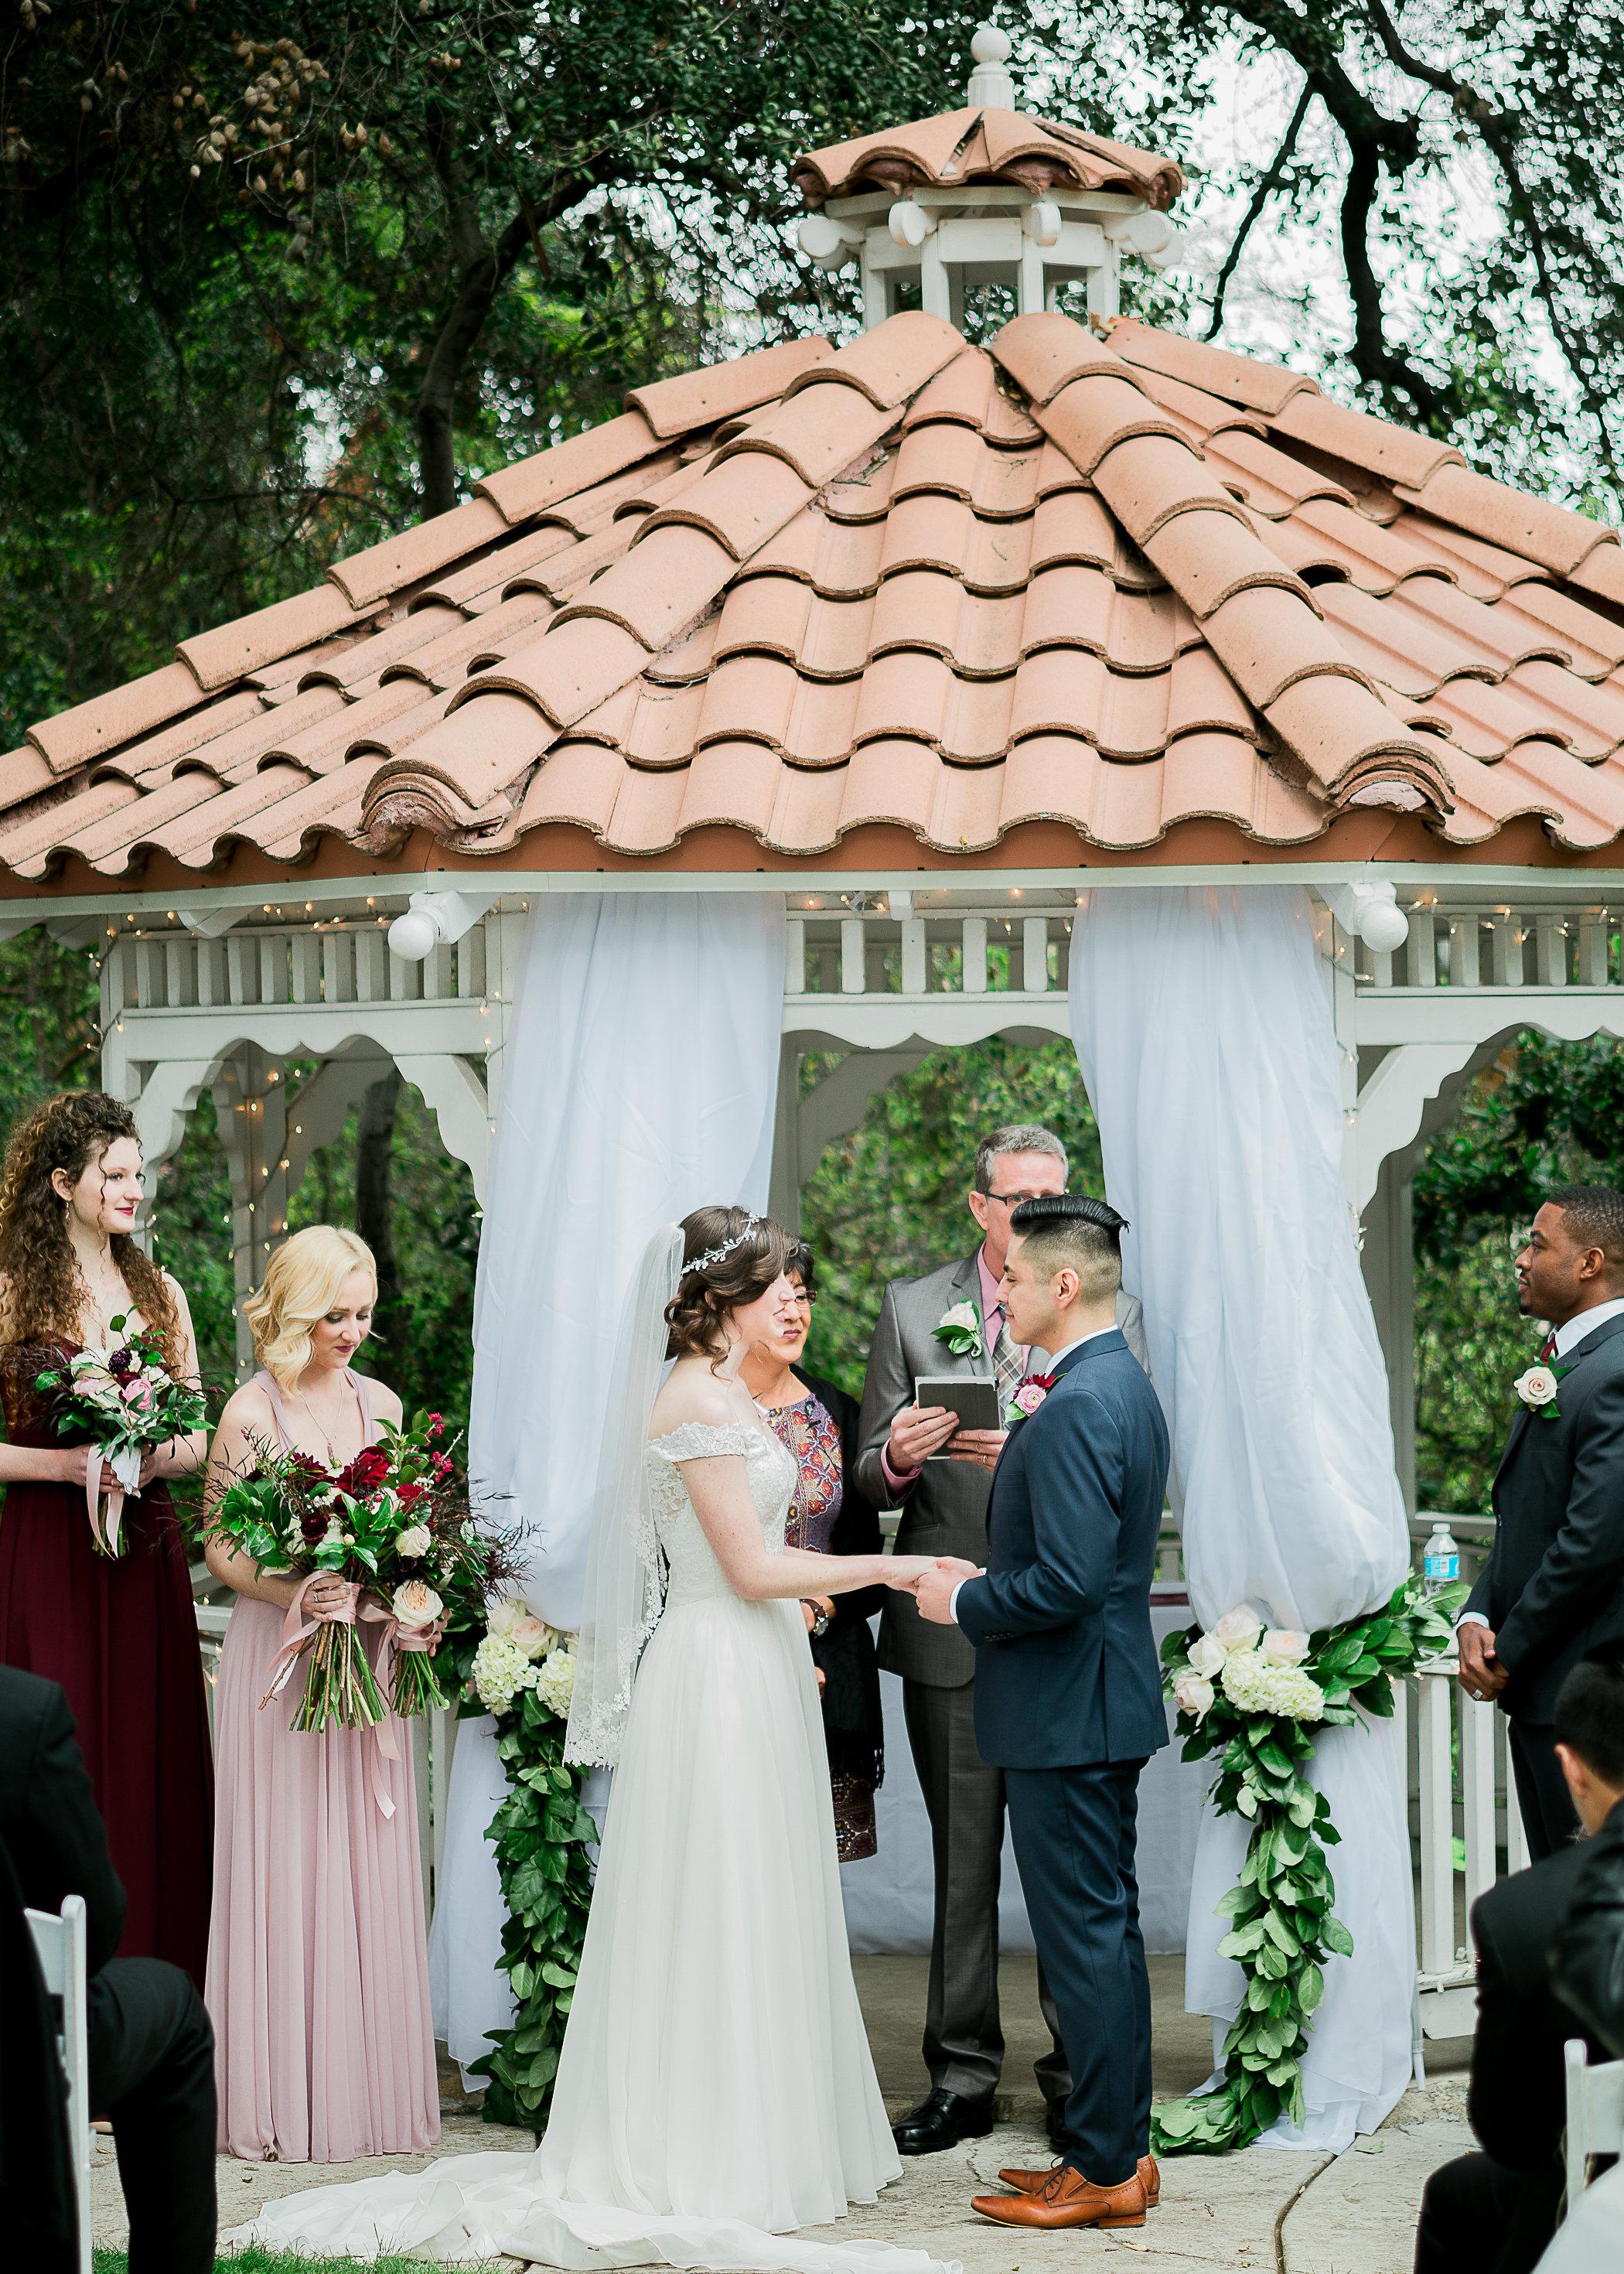 CUEVAS-WEDDING-SNEAK-PEEK-0052.jpg